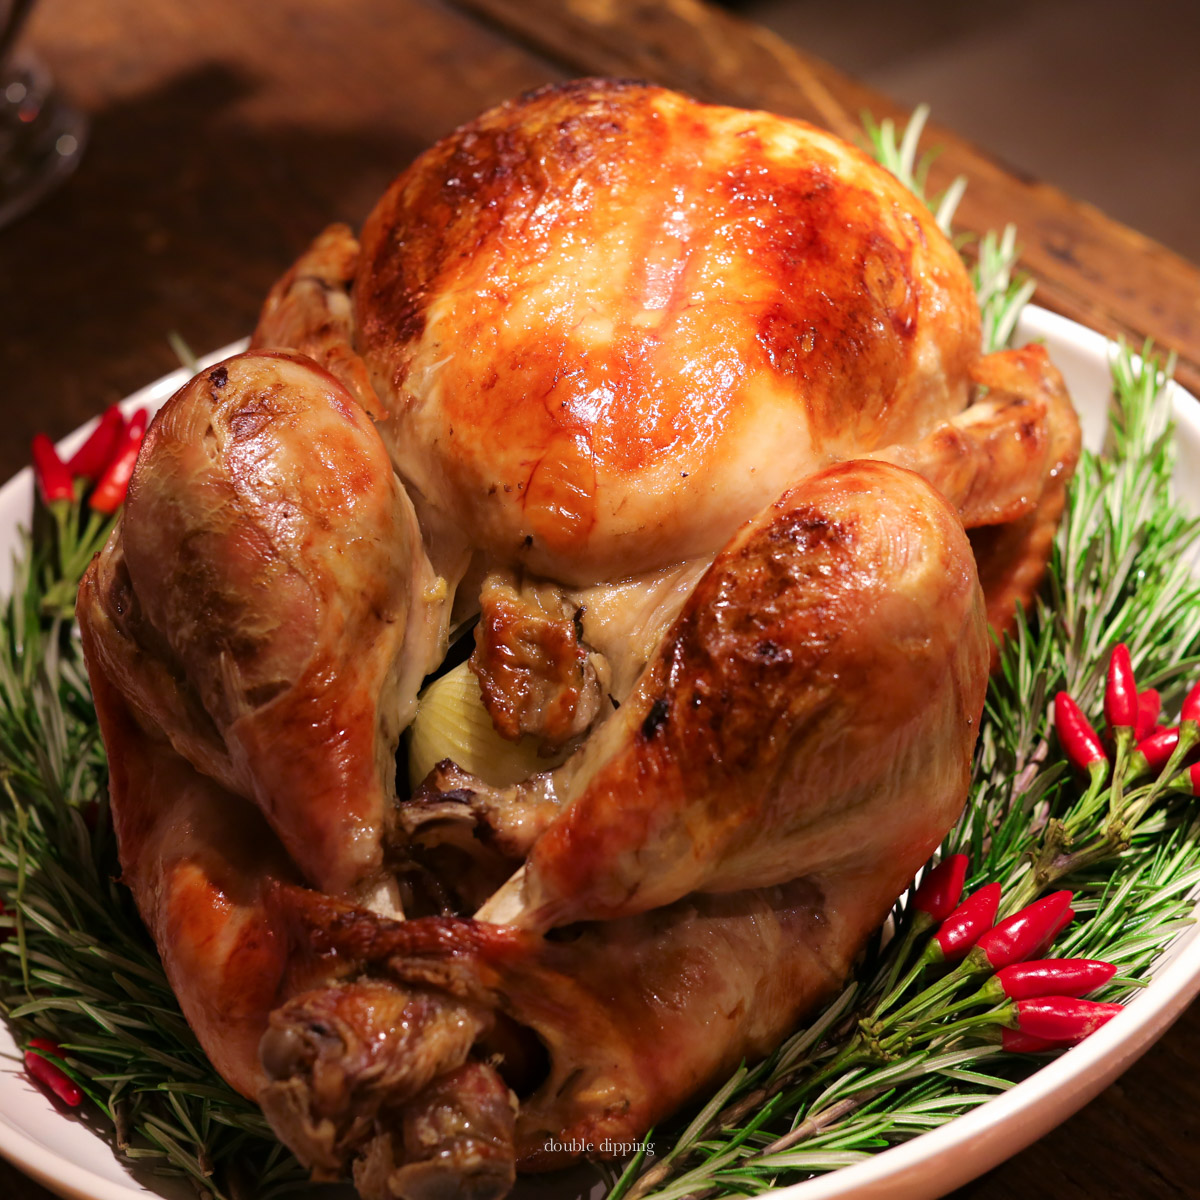 Juicy Turkey